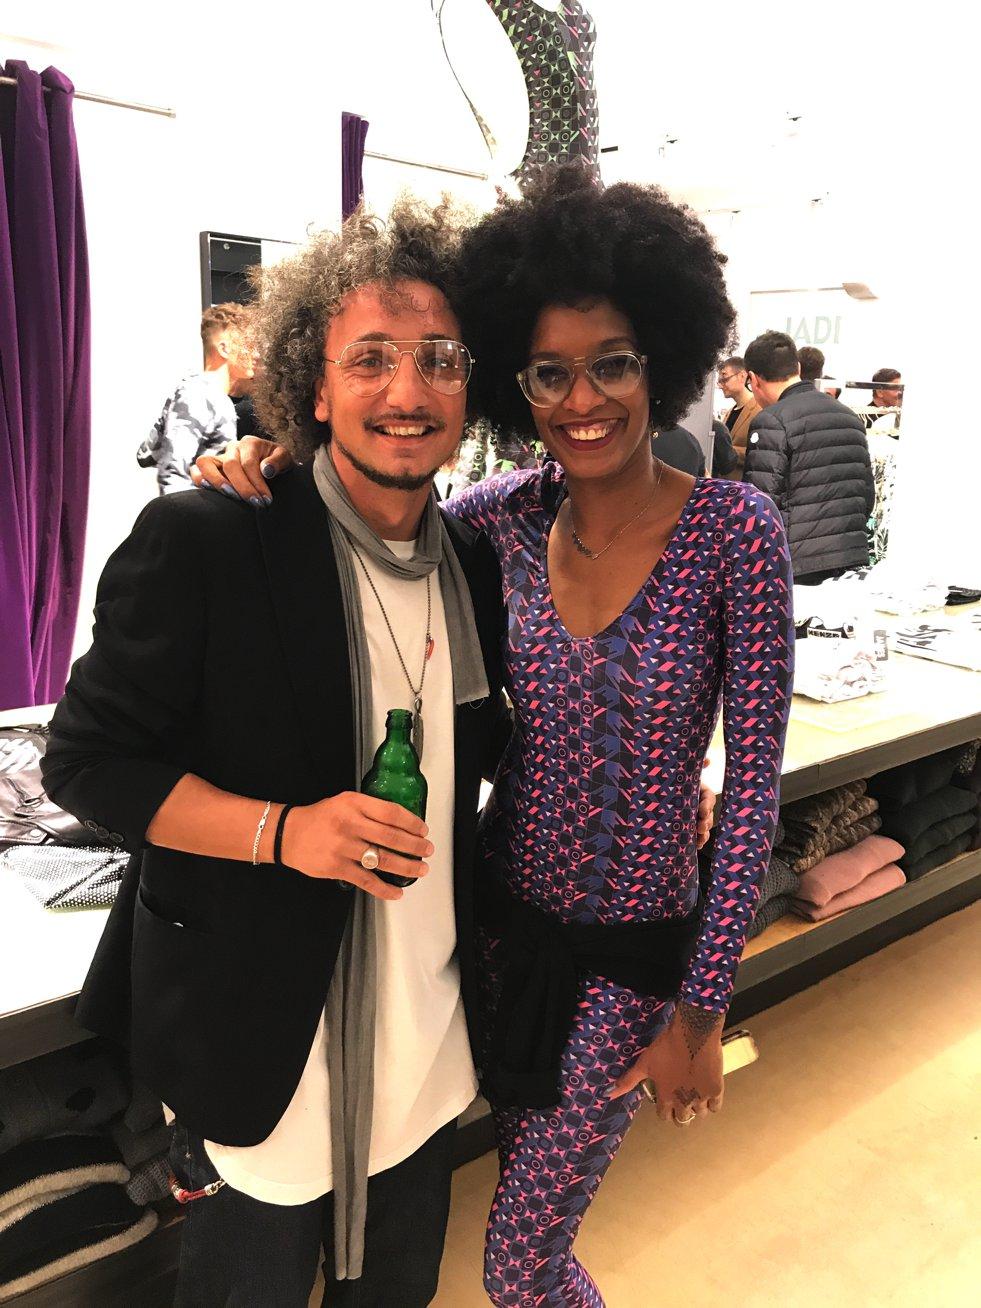 Ekat Jumsuit, EKAT Catsuit, Jades Modenschau Vogue Fashion Night, Fashion-Blog, Lieblingsstil.com,